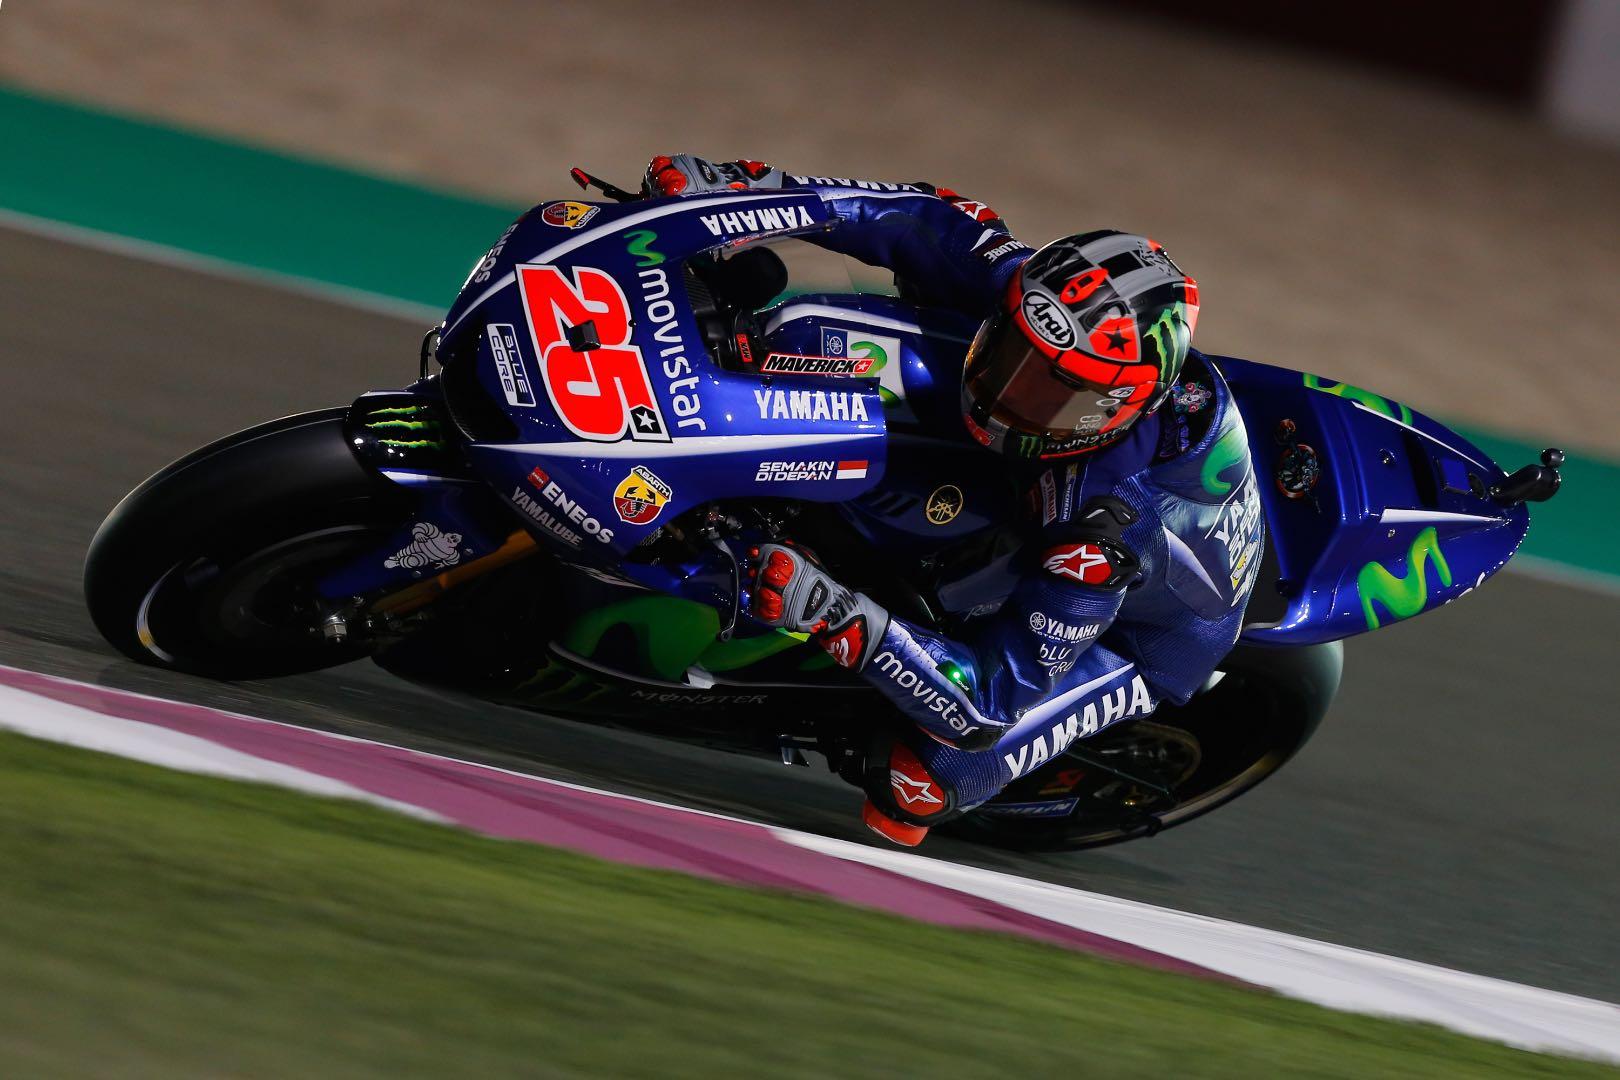 2017 Qatar MotoGP Practice Results | Vinales Untouchable Once Again